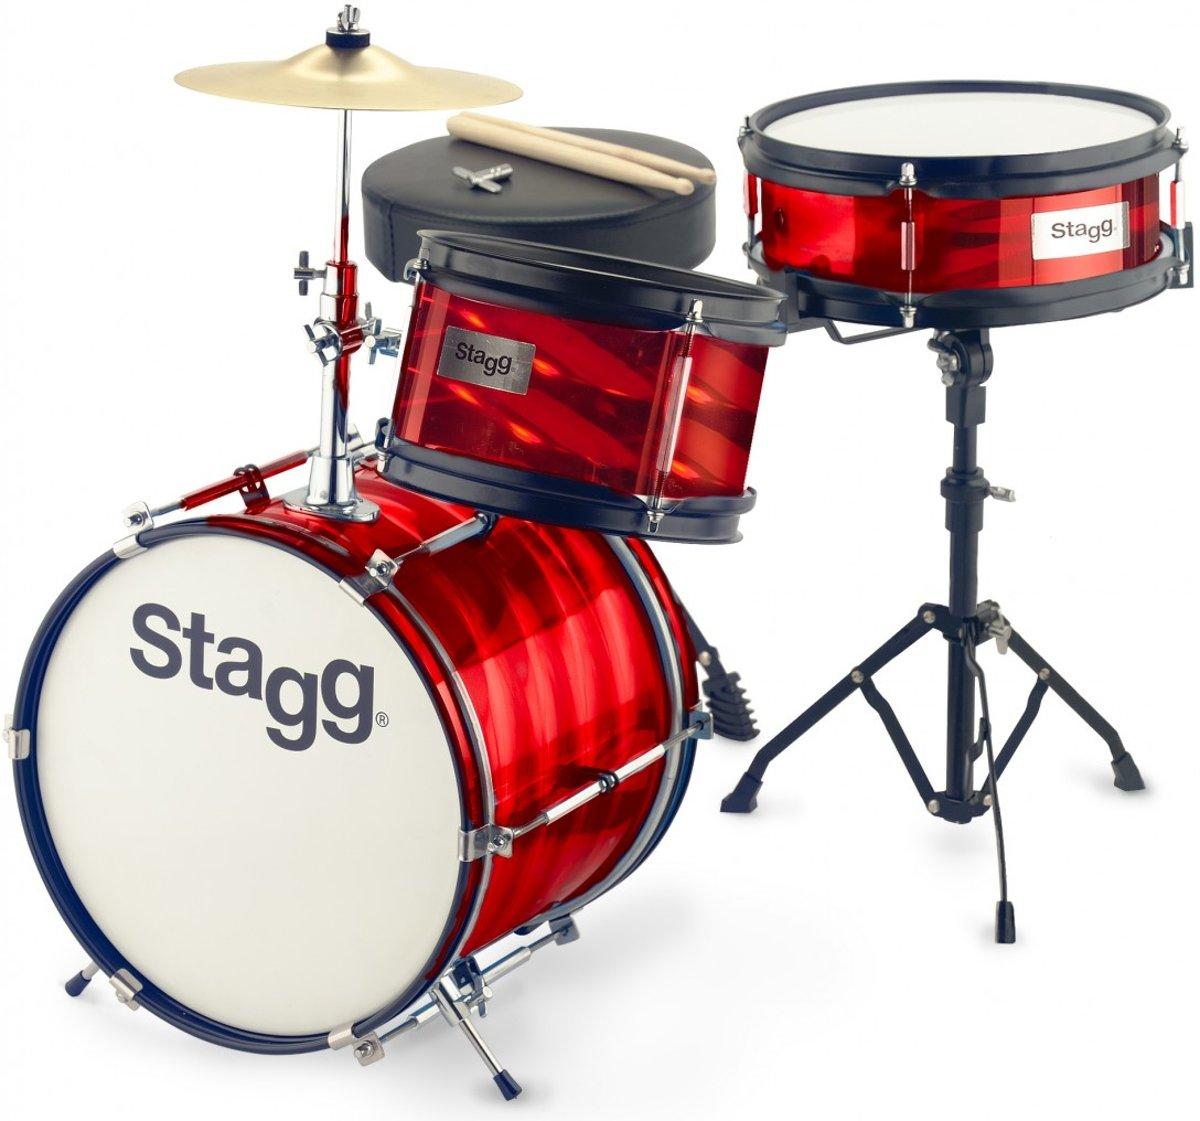 Stagg TIM JR 3/12B RD 3-delig junior drumset 12